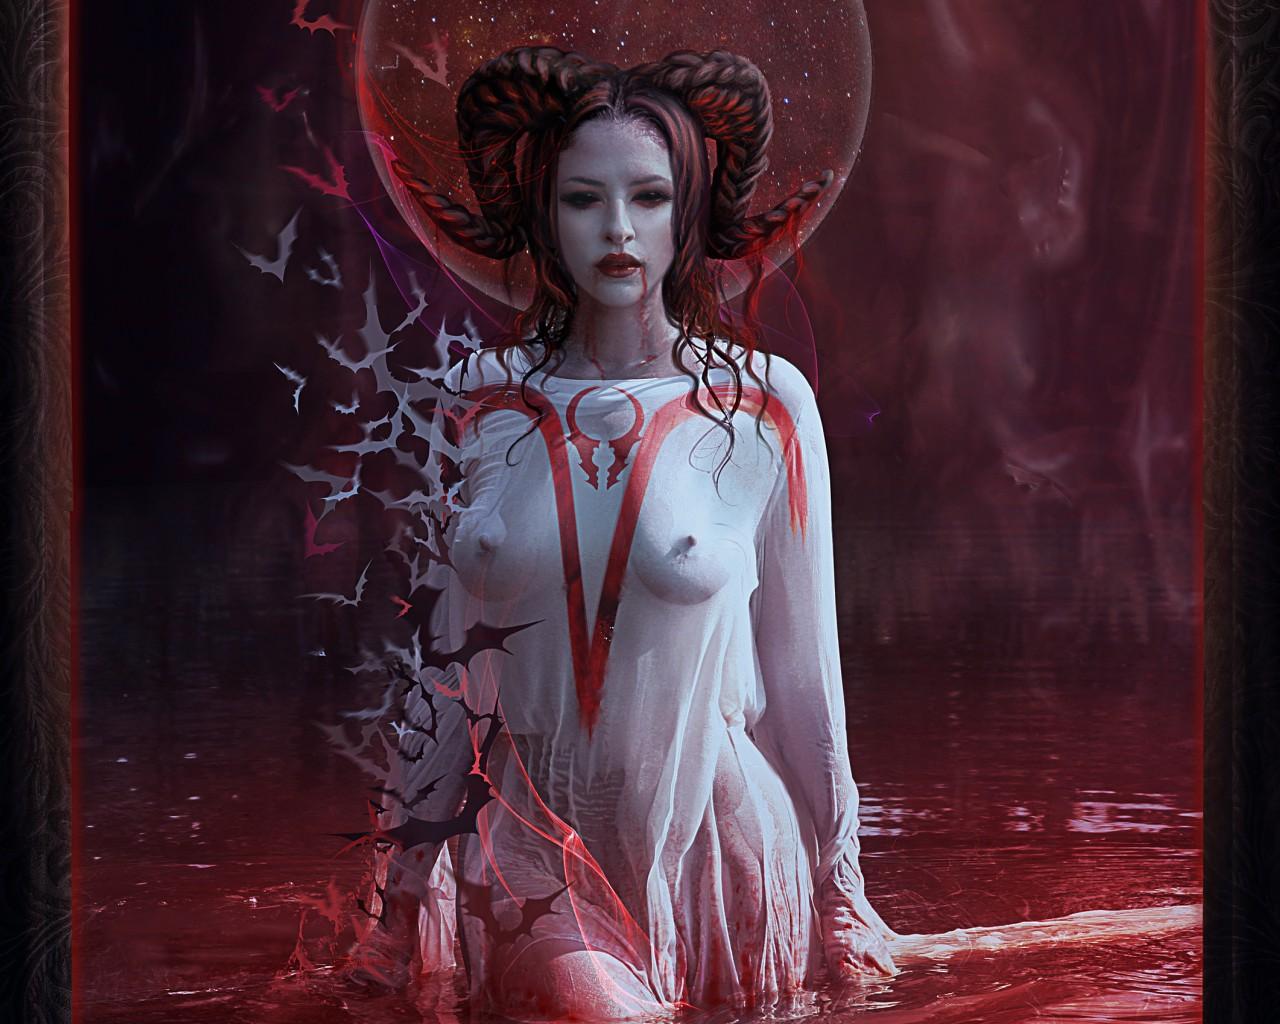 Lady von blood vampiress costume